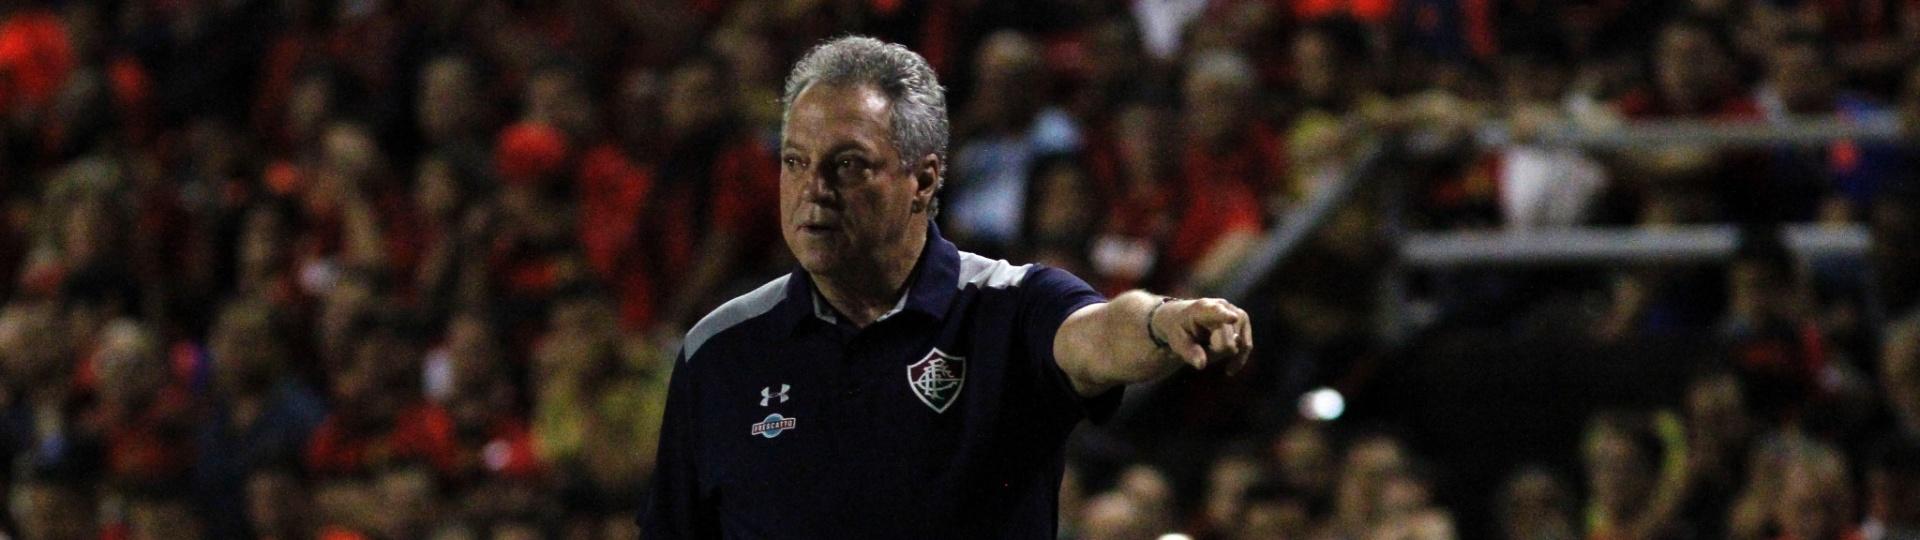 Abel Braga volta comandar o Fluminense após morte do filho